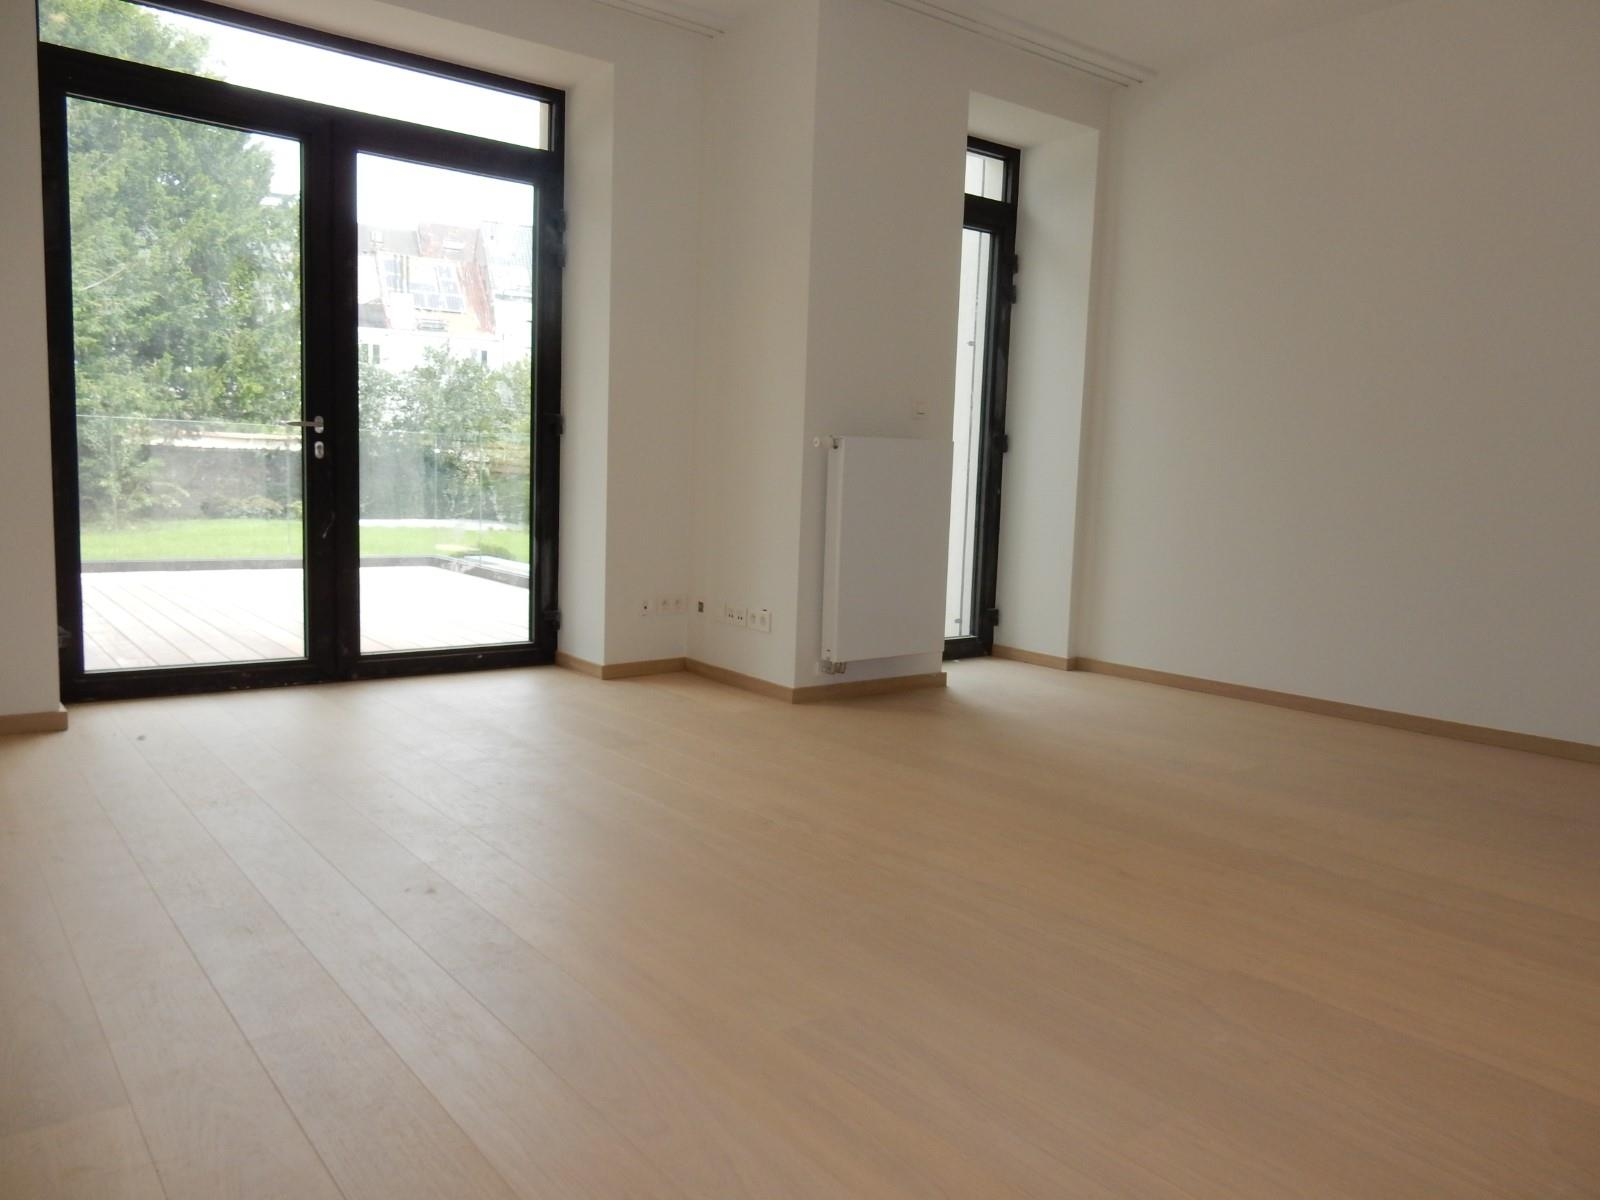 Appartement exceptionnel - Ixelles - #3791385-3